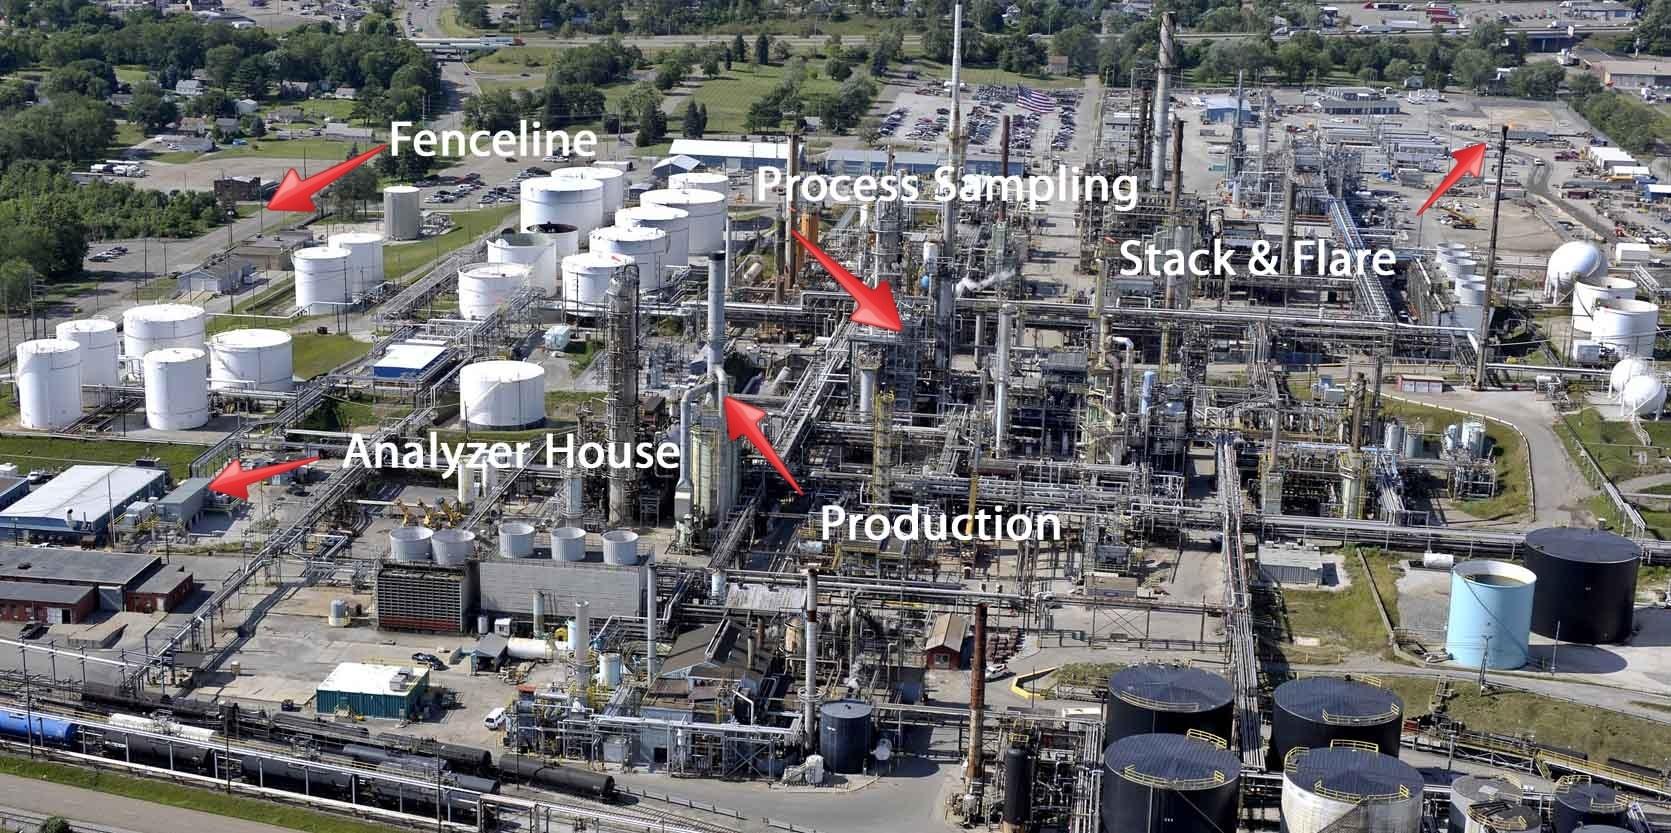 refinery-aerial_3-503496-edited.jpg